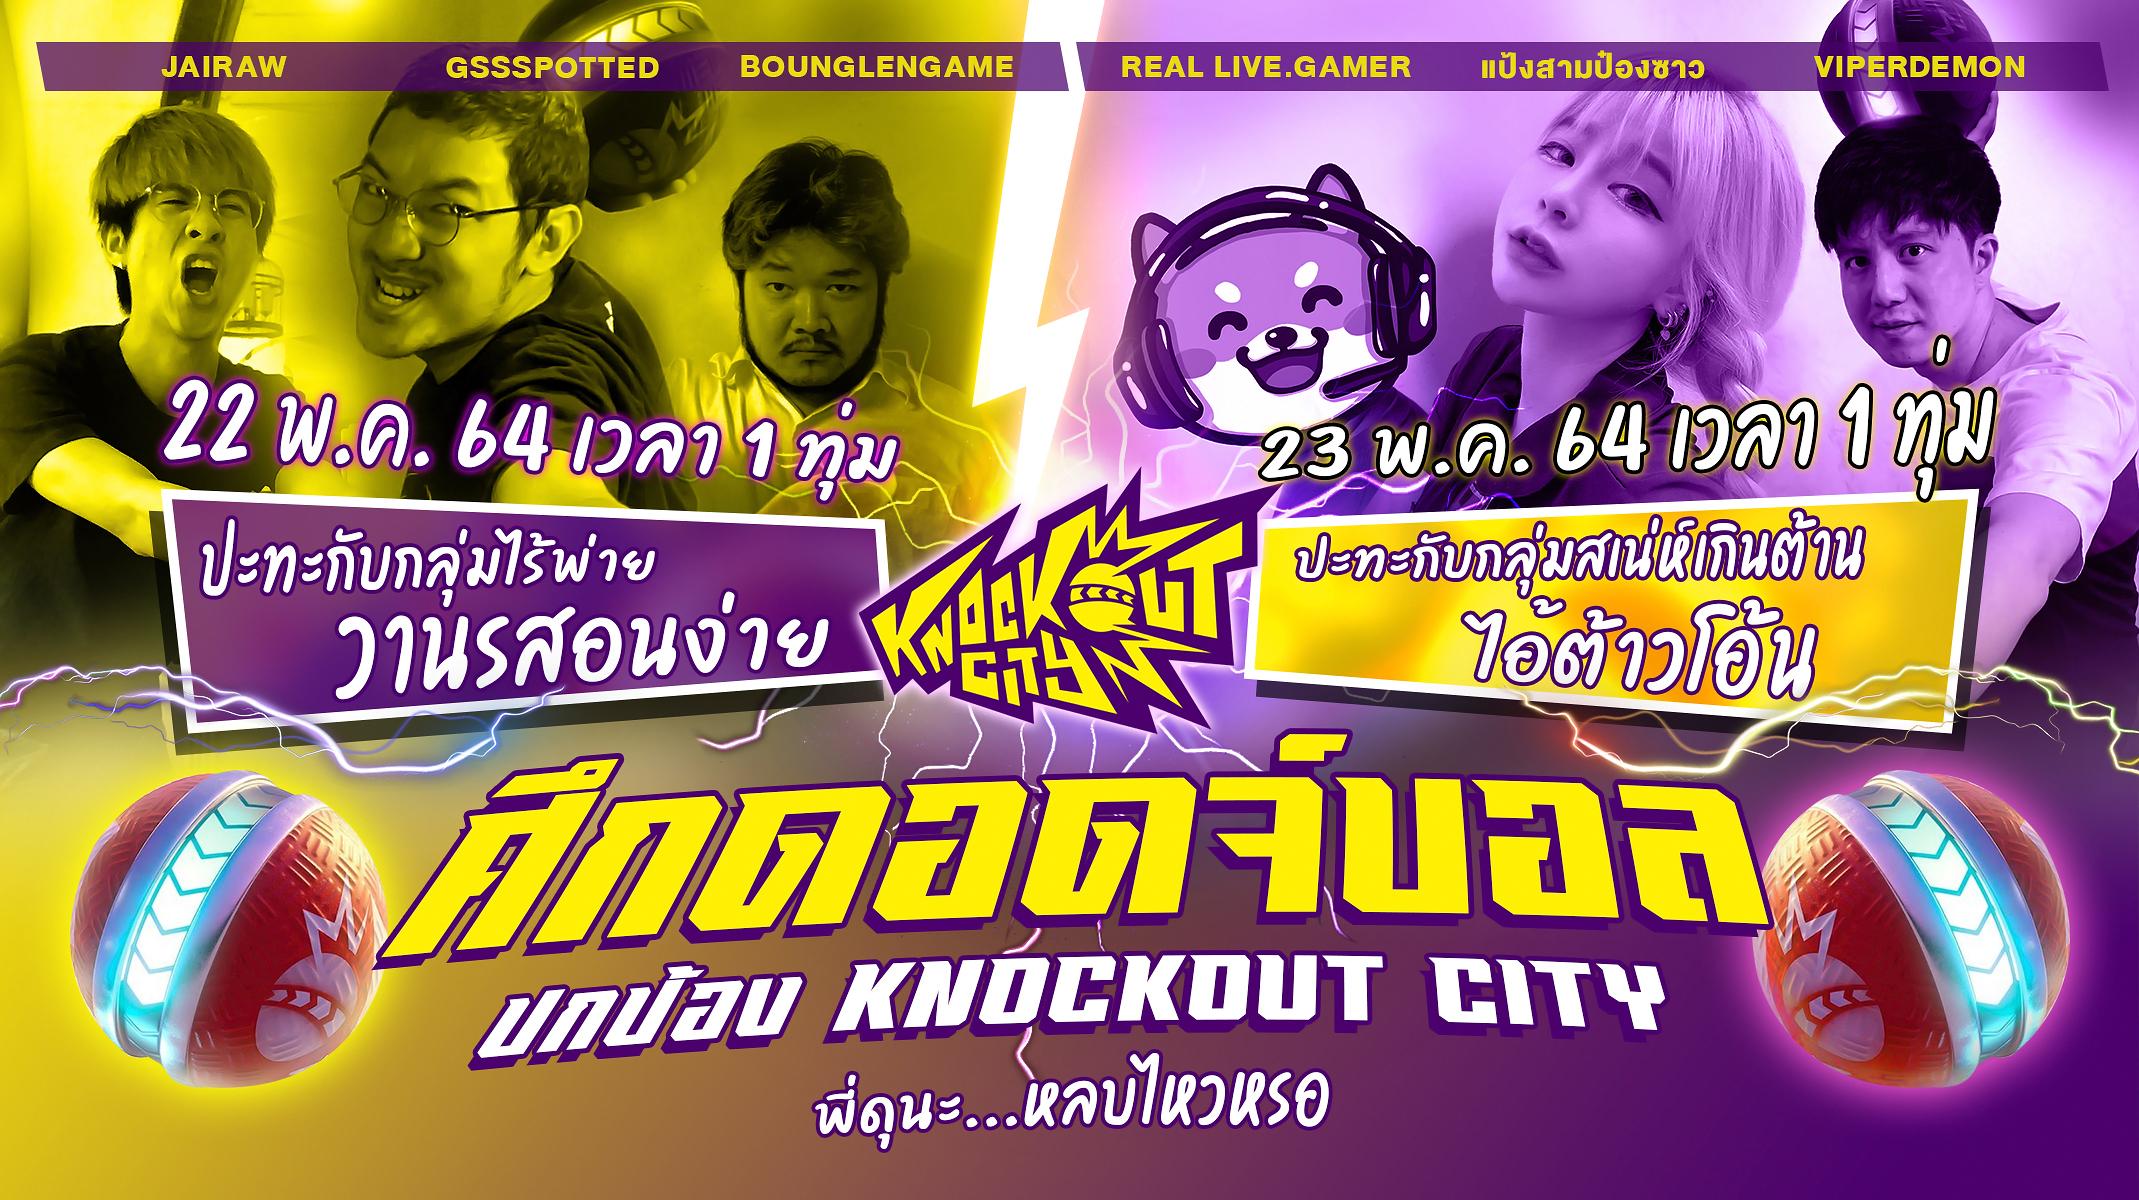 Knockout City 2152021 2